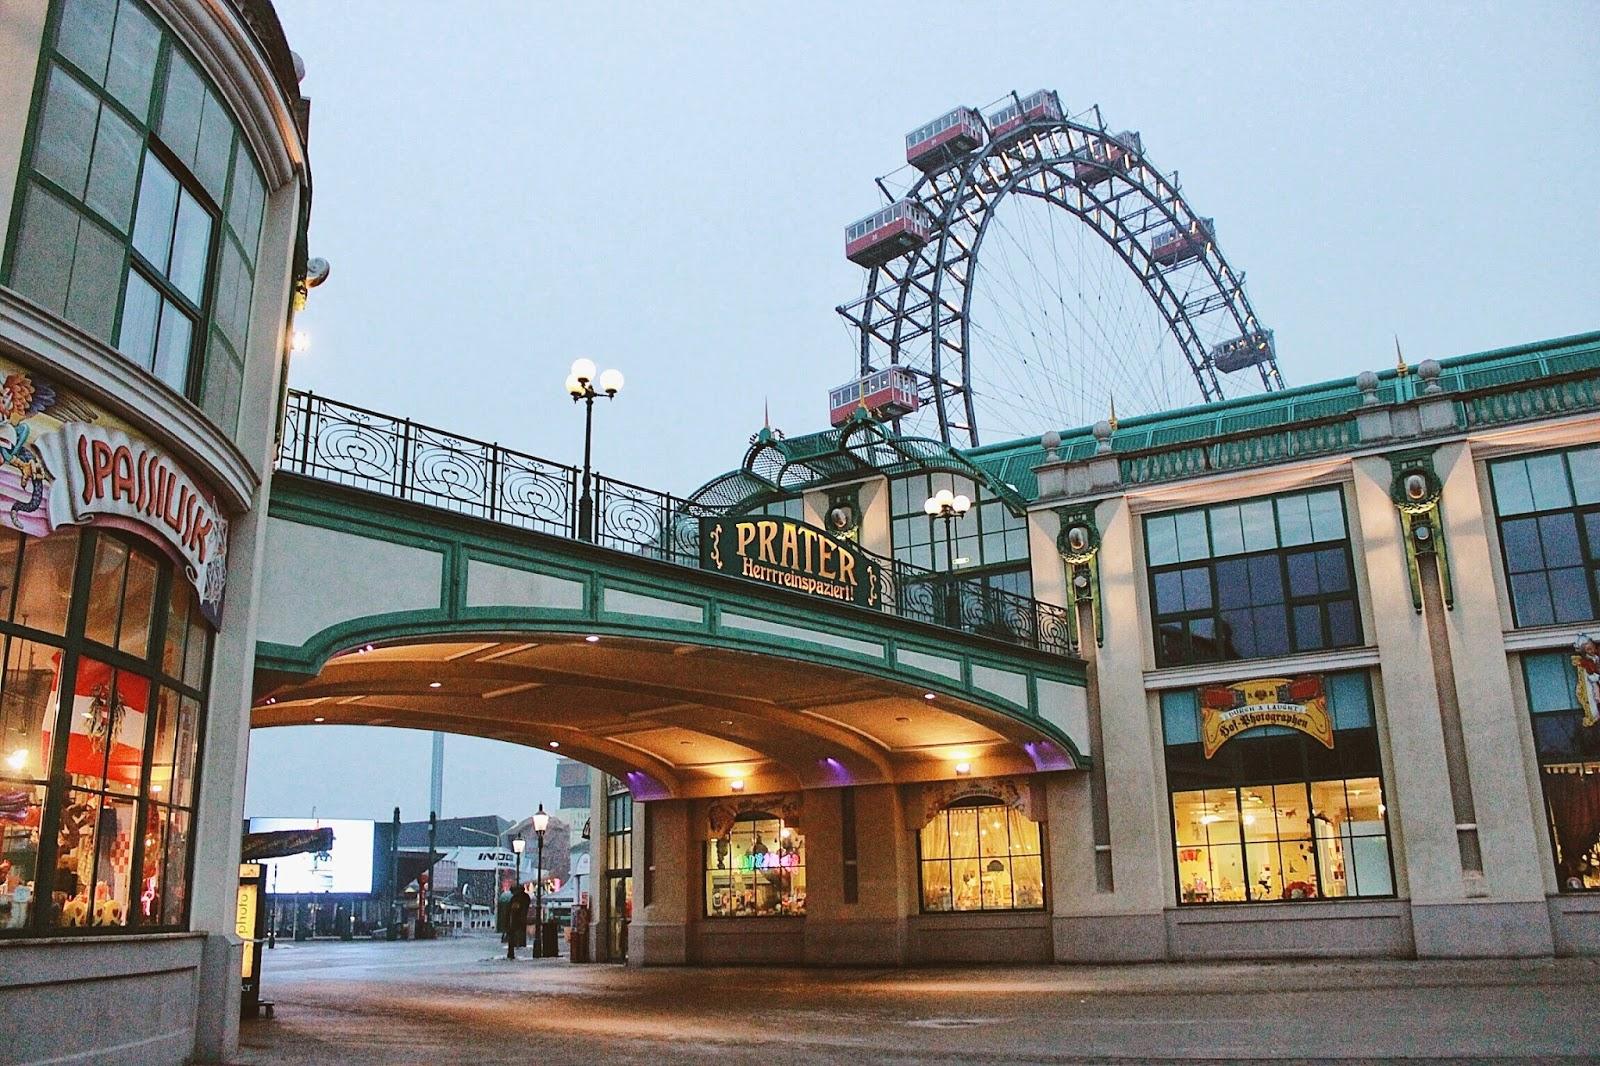 lifesthayle-vienna-prater-amusement-park.jpg